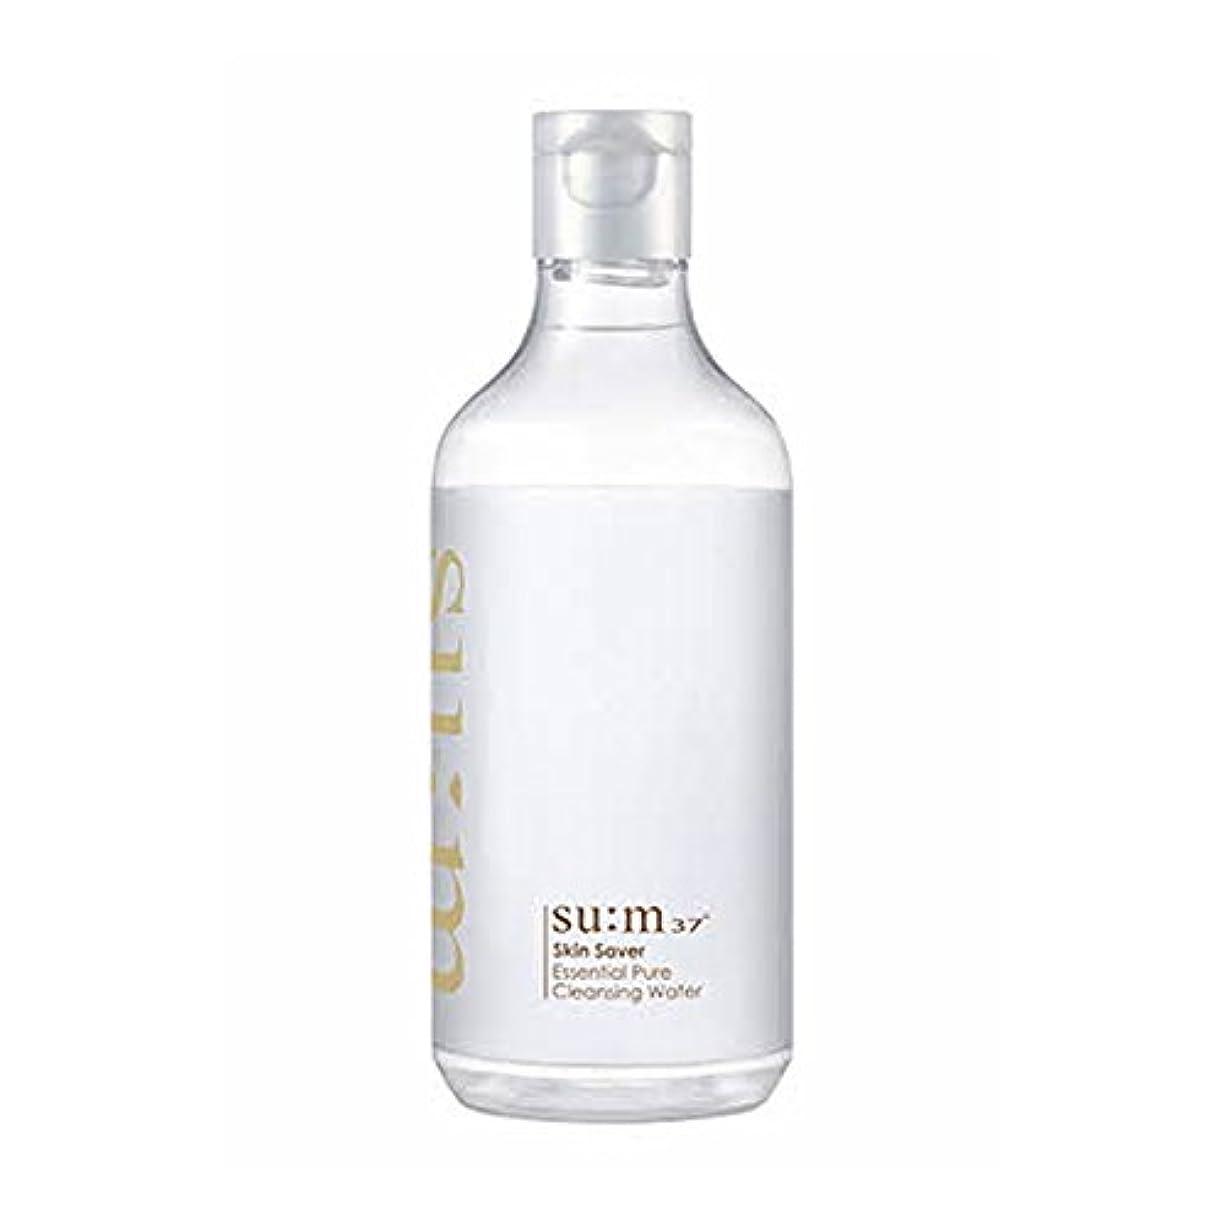 タービン抱擁静かな[スム37°] Sum37° スキンセイバー エッセンシャルピュアクレンジングウォーター ?Skin saver Essential Pure Cleansing Water (海外直送品) [並行輸入品]